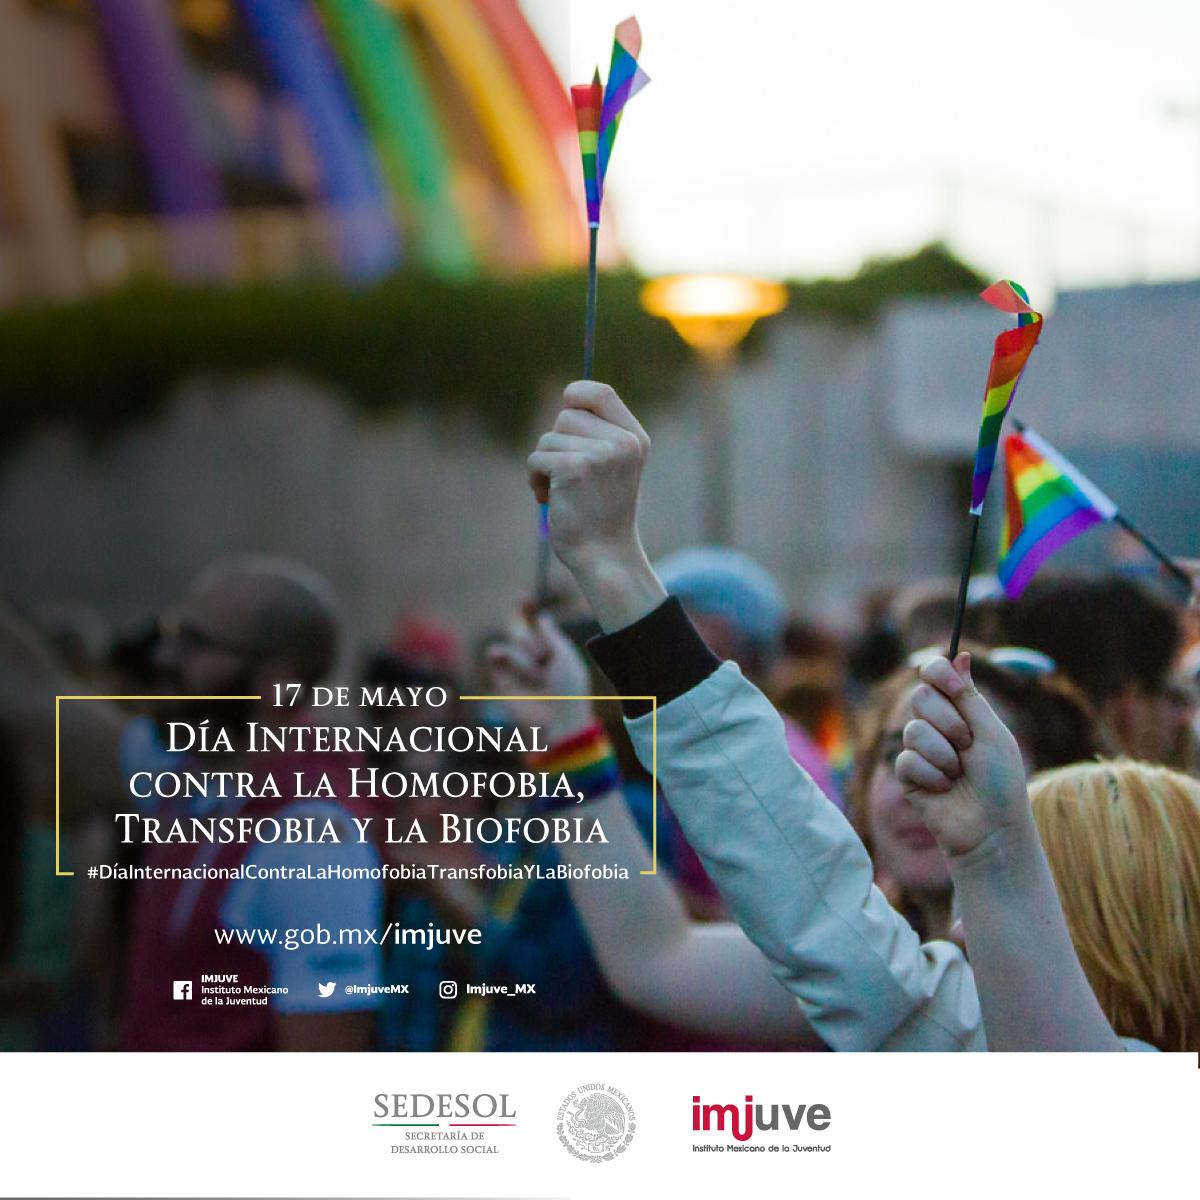 En el caso de las personas jóvenes resulta fundamental hacer efectivas las premisas de no discriminación tanto a hombres como a mujeres.